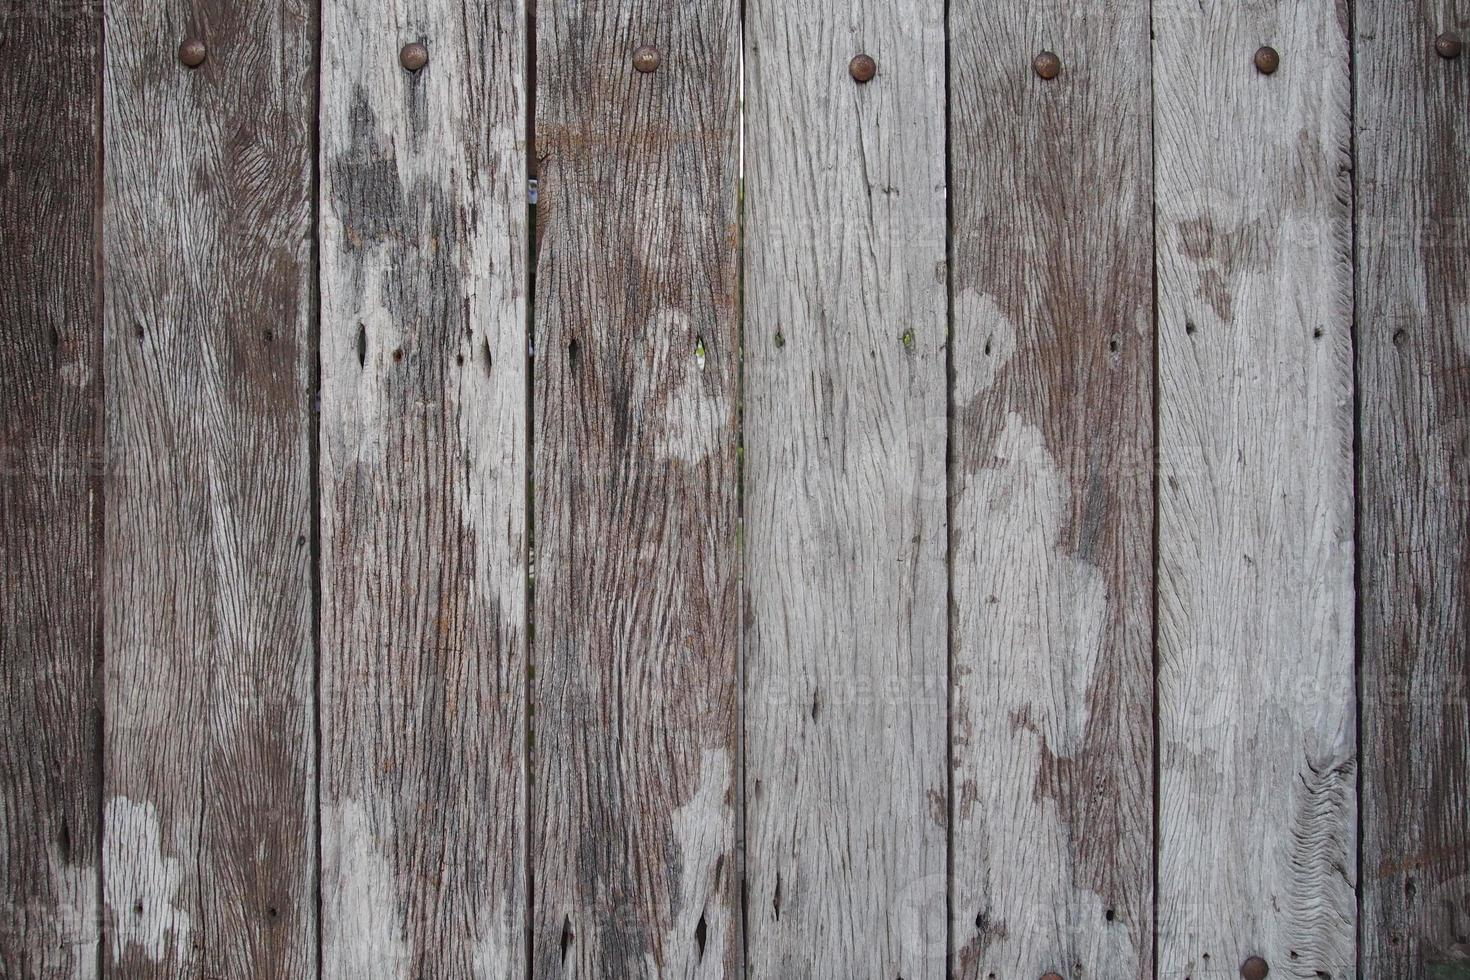 mur de bois rustique photo